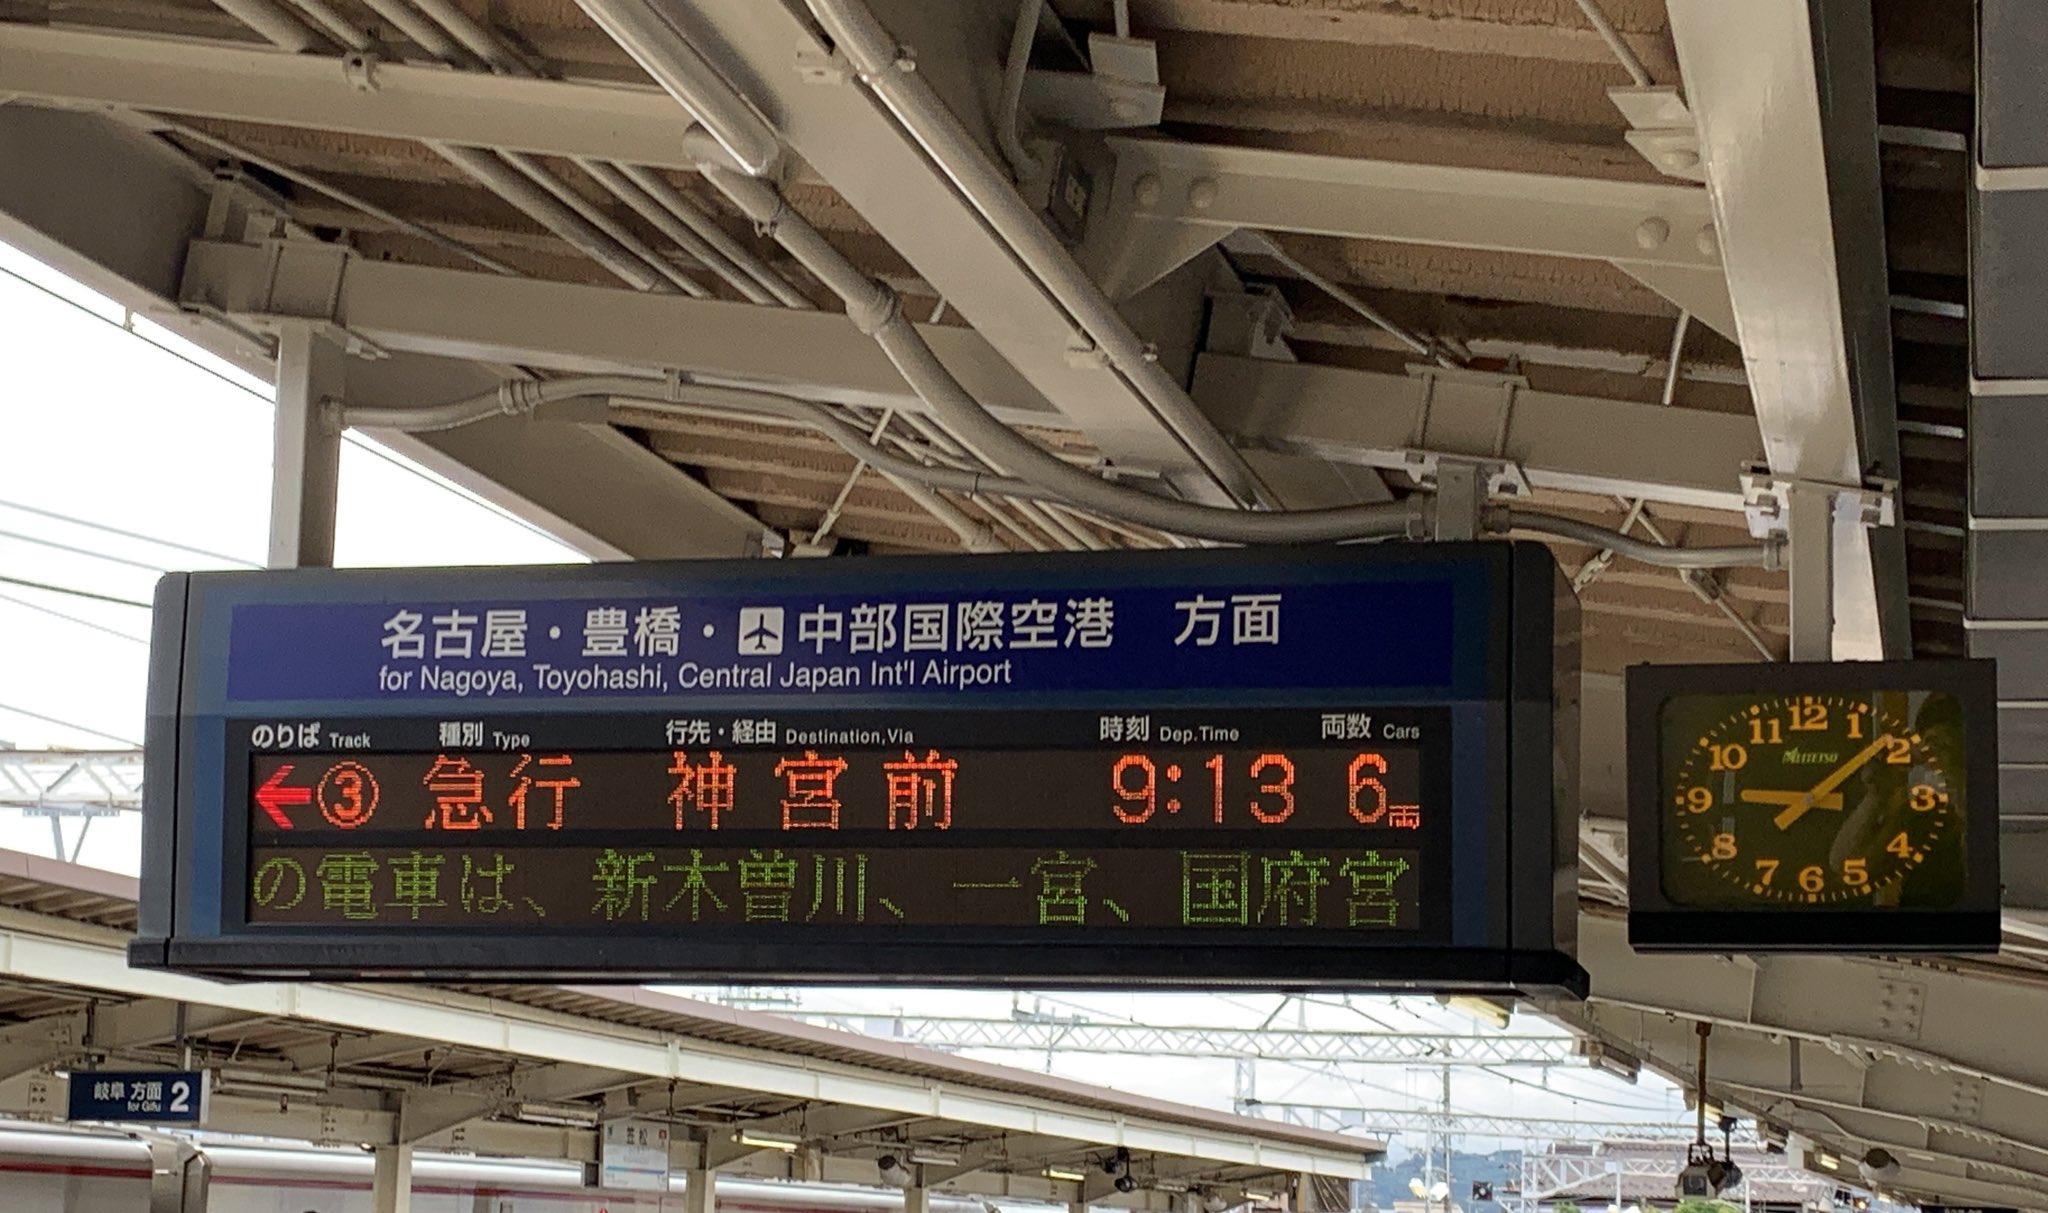 前後駅の人身事故の掲示板の画像